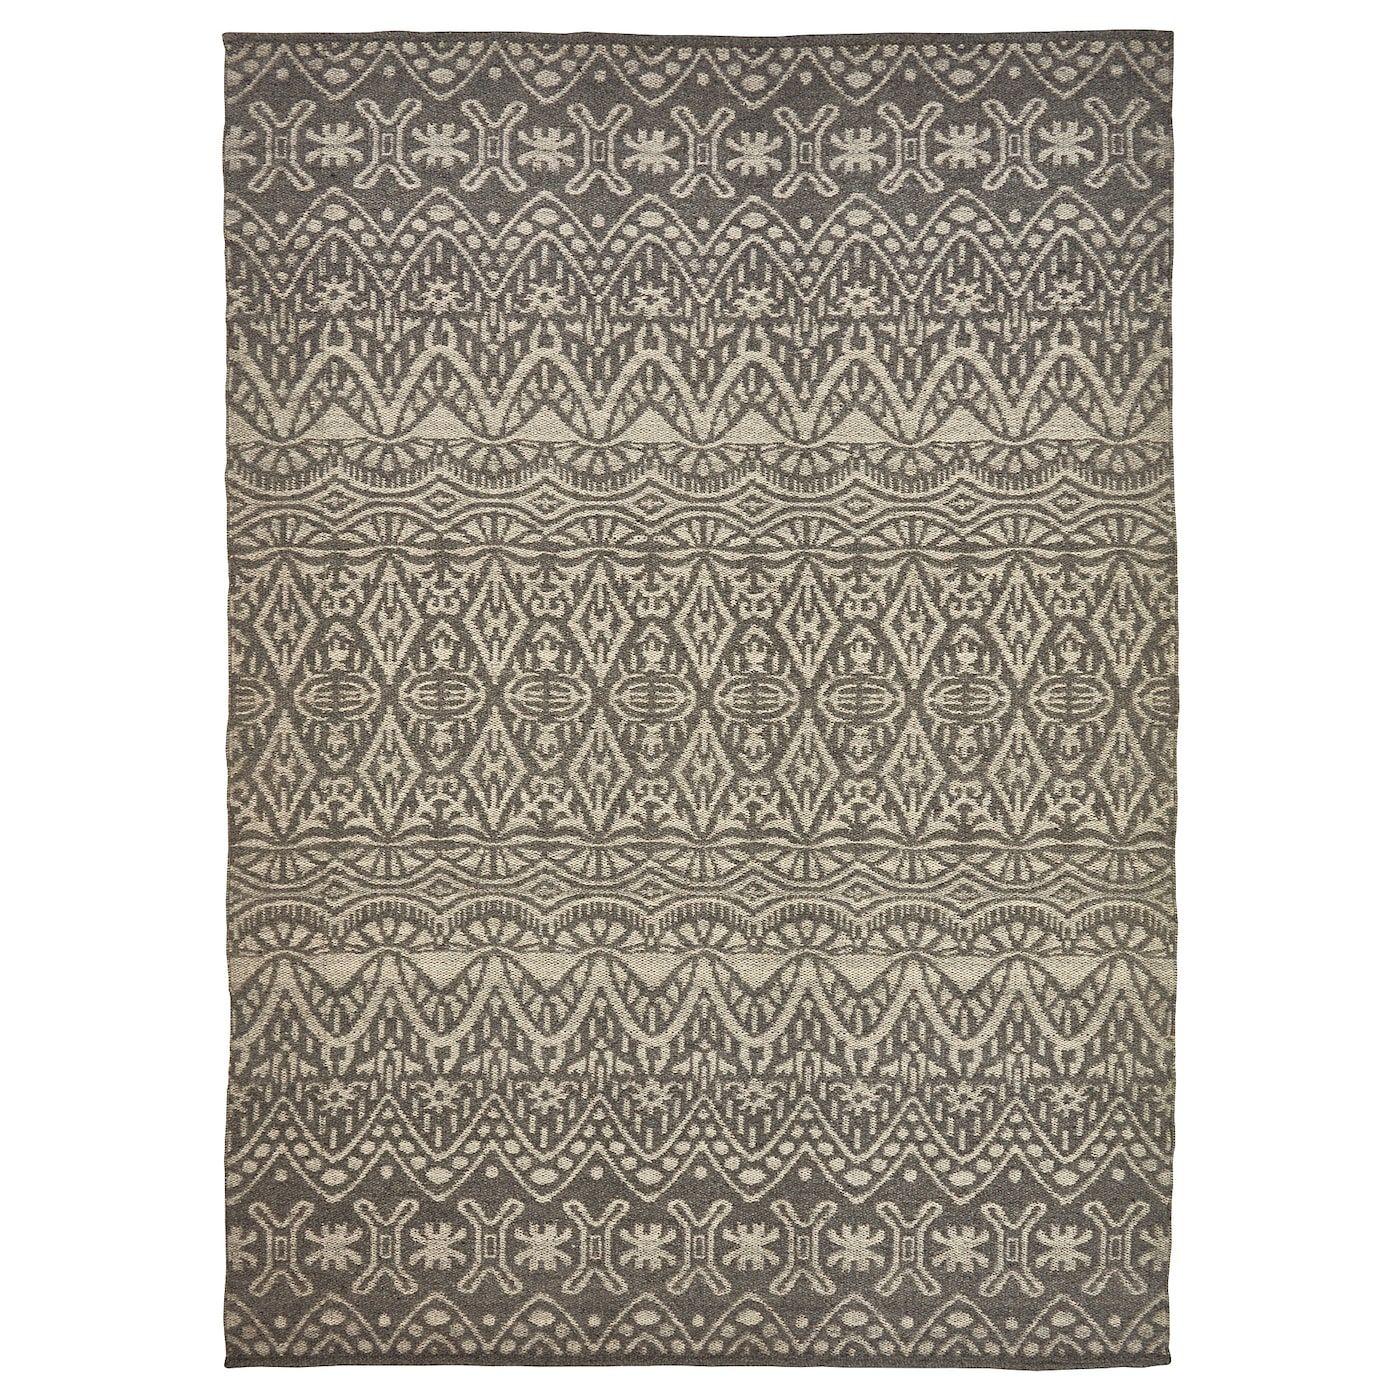 Bybjerg Teppich Flach Gewebt Beige 170x240 Cm Ikea Deutschland Teppich Flach Gewebt Teppich Wollteppich